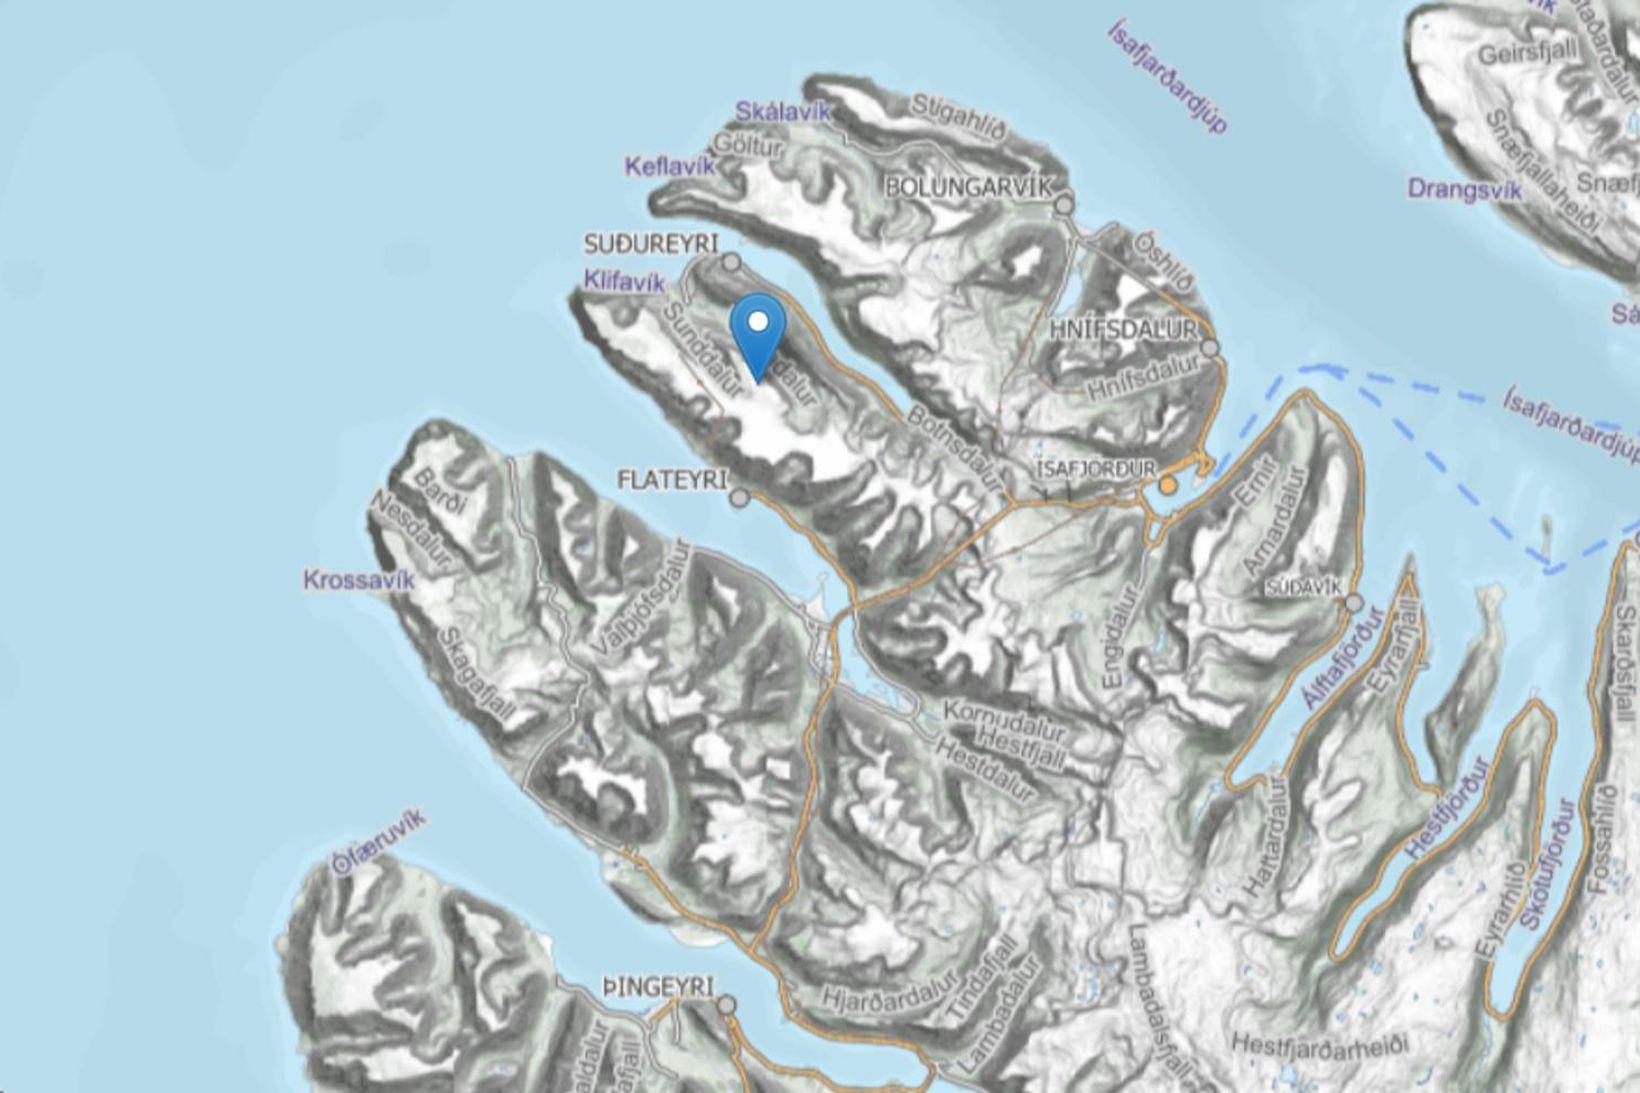 Tvö snjóflóð féllu á Flateyri á tólfta tímanum í kvöld.